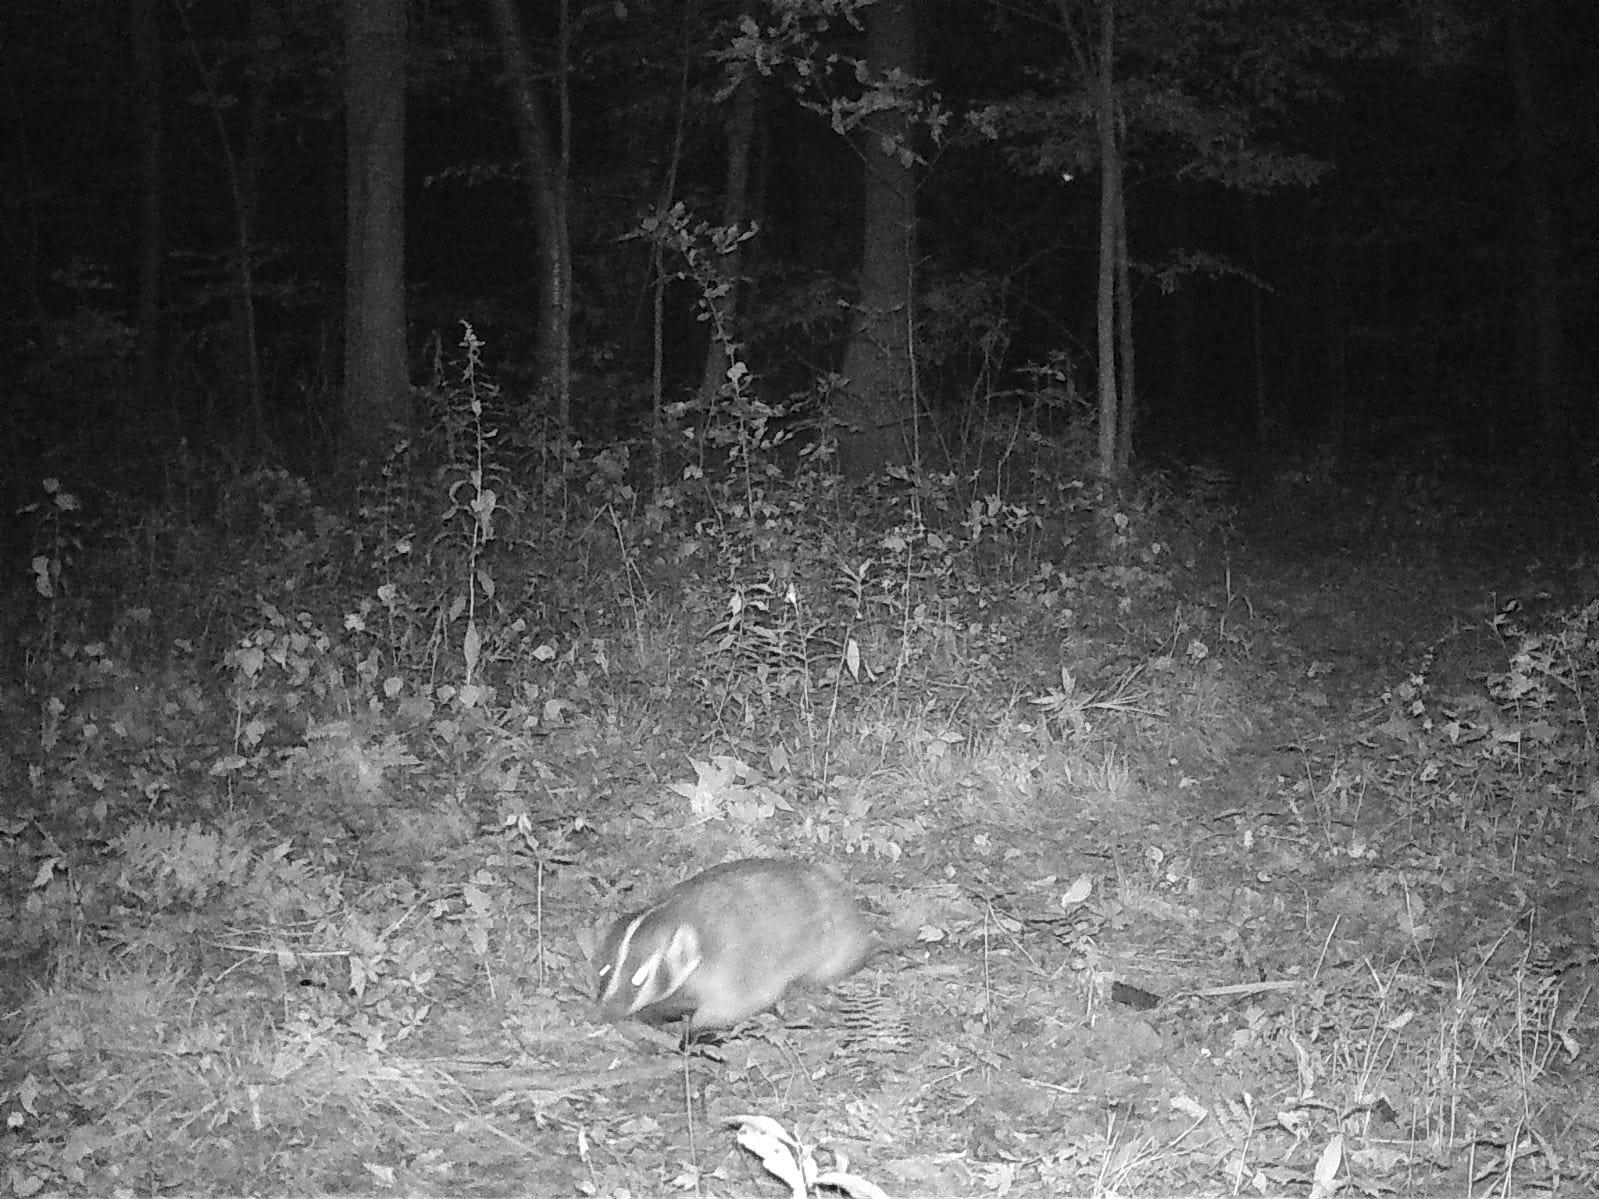 Badger.